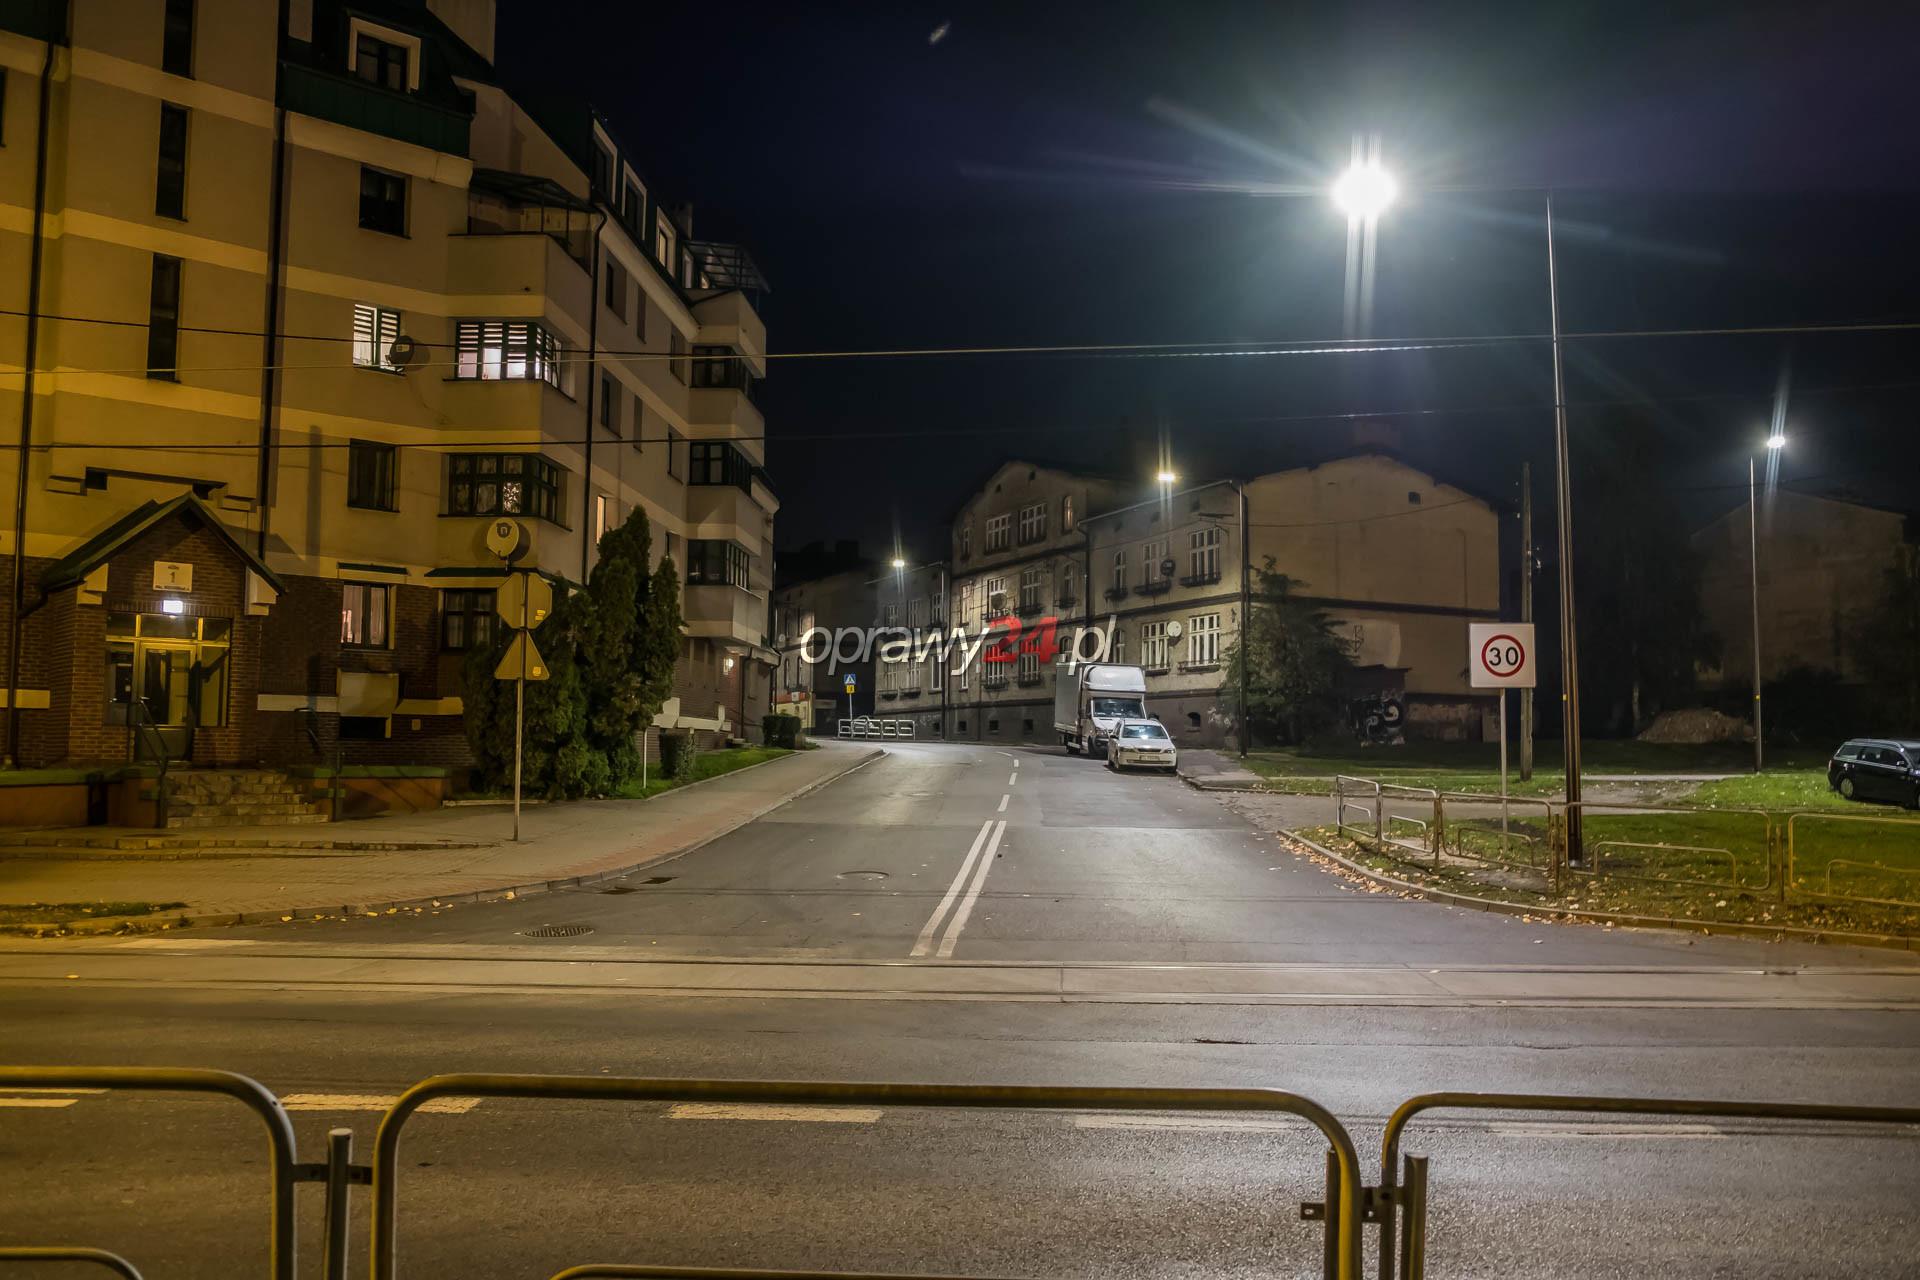 Nowe oświetlenie na ulicy Obrońców Westerplatte